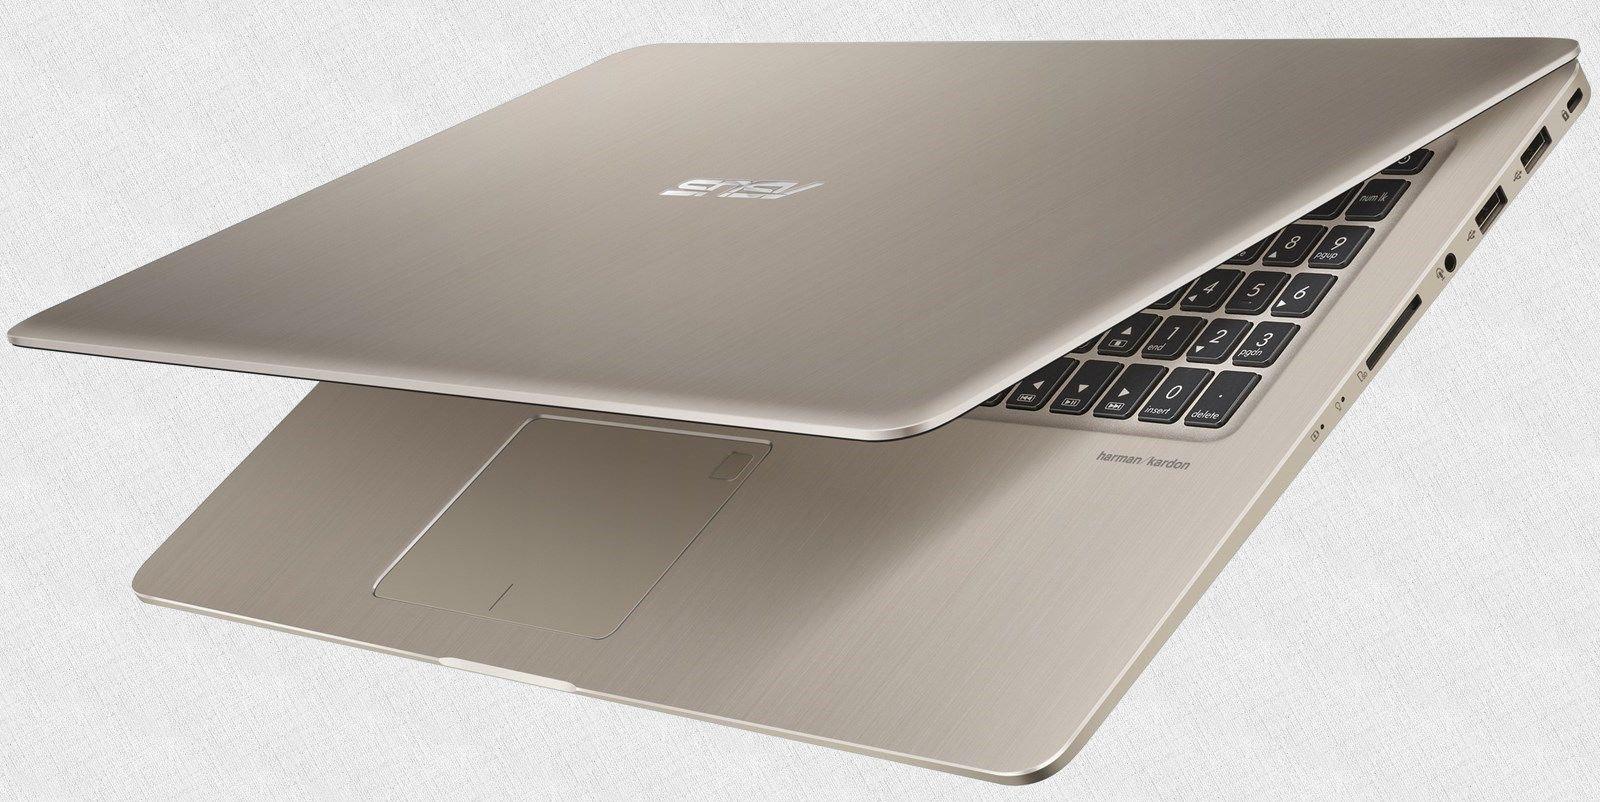 ASUS VivoBook N580GD-DM243T 90NB0HX1-M03570 Gold